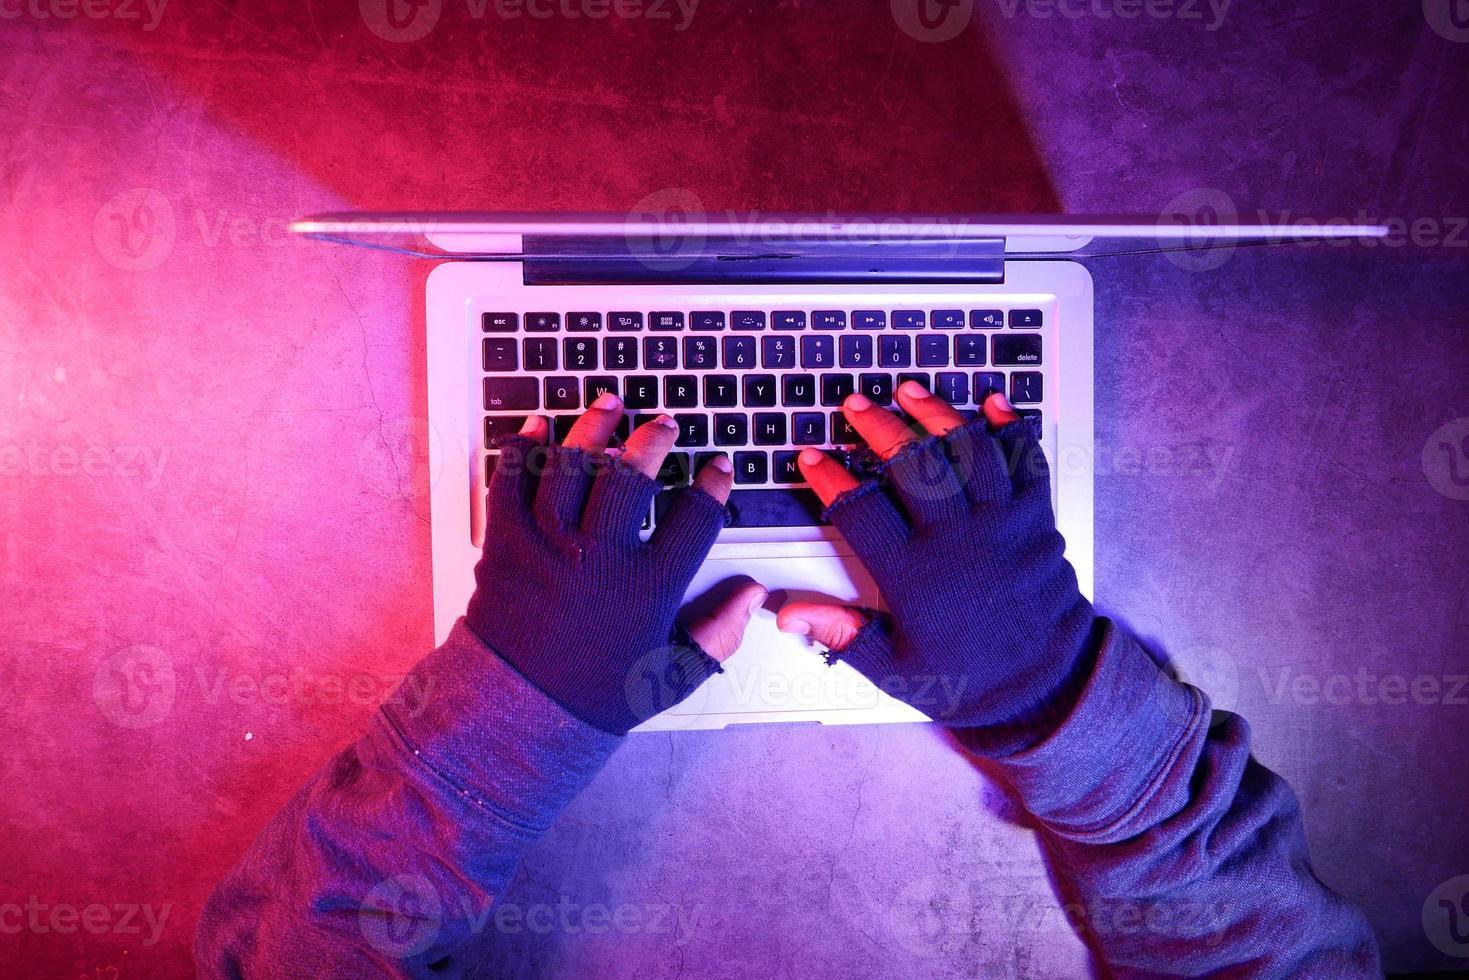 vista superior das mãos do hacker foto